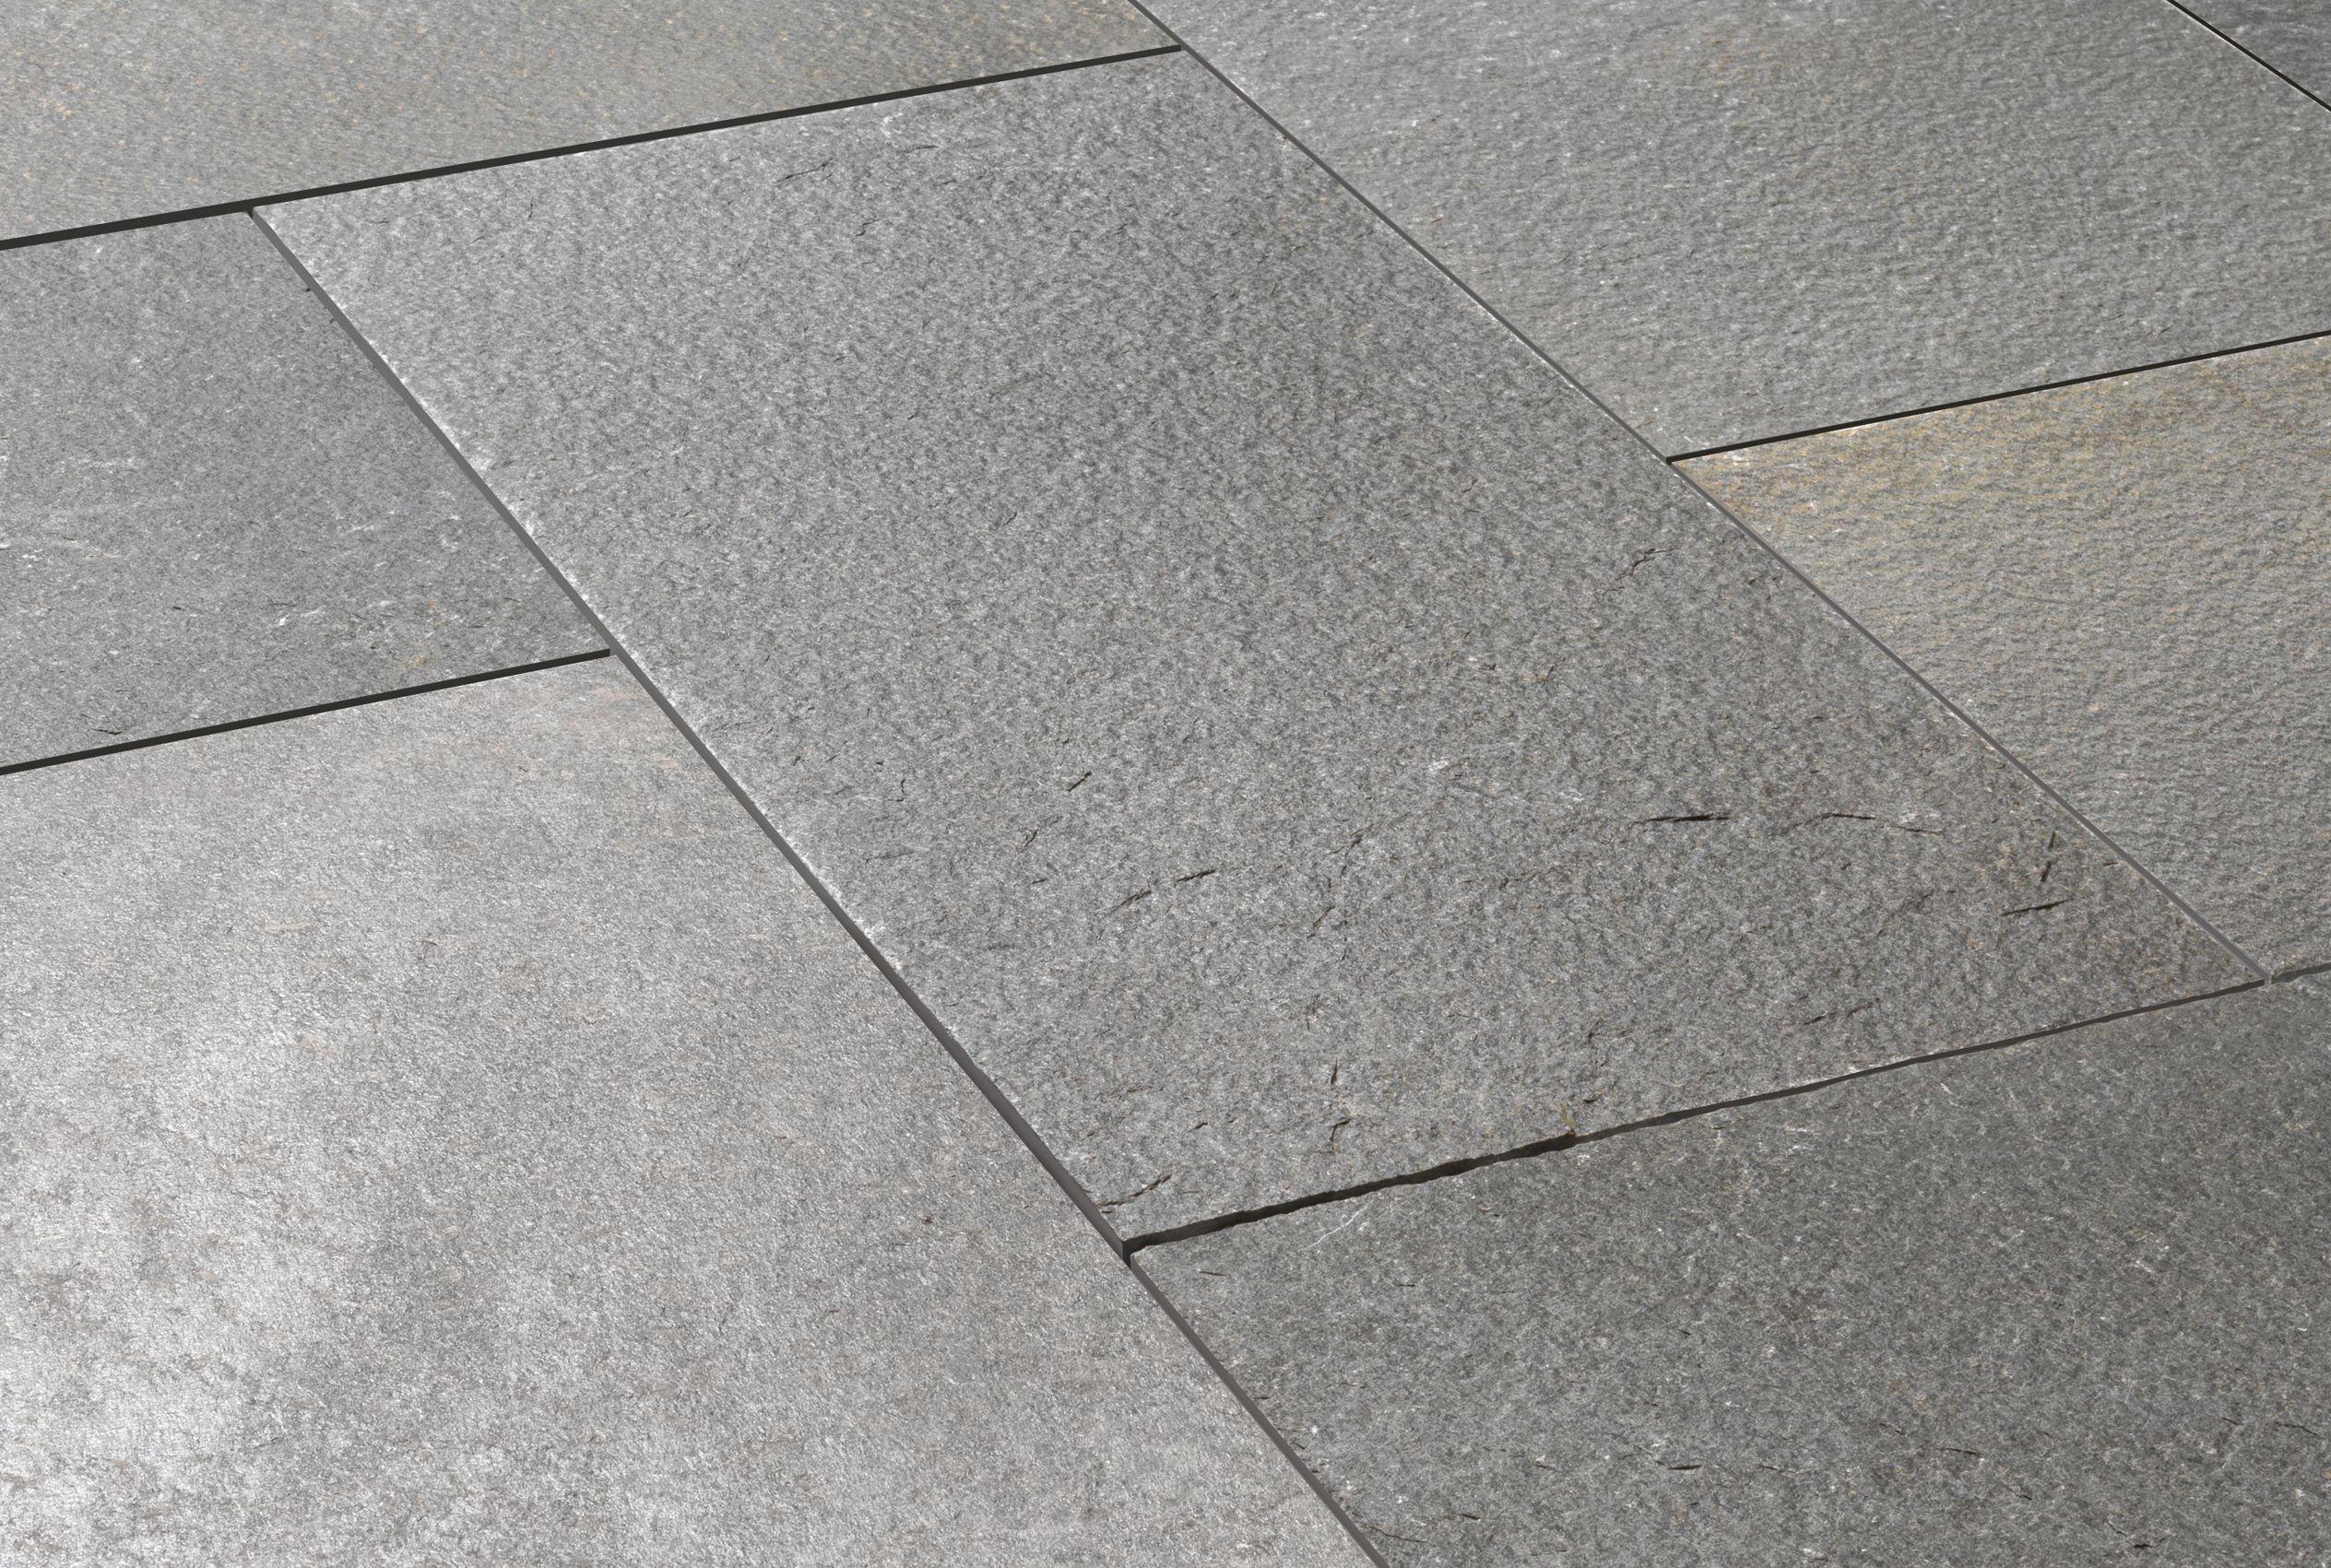 Pavimento Esterno In Pietra : Pavimenti per esterni in vera pietra b b rivestimenti naturali